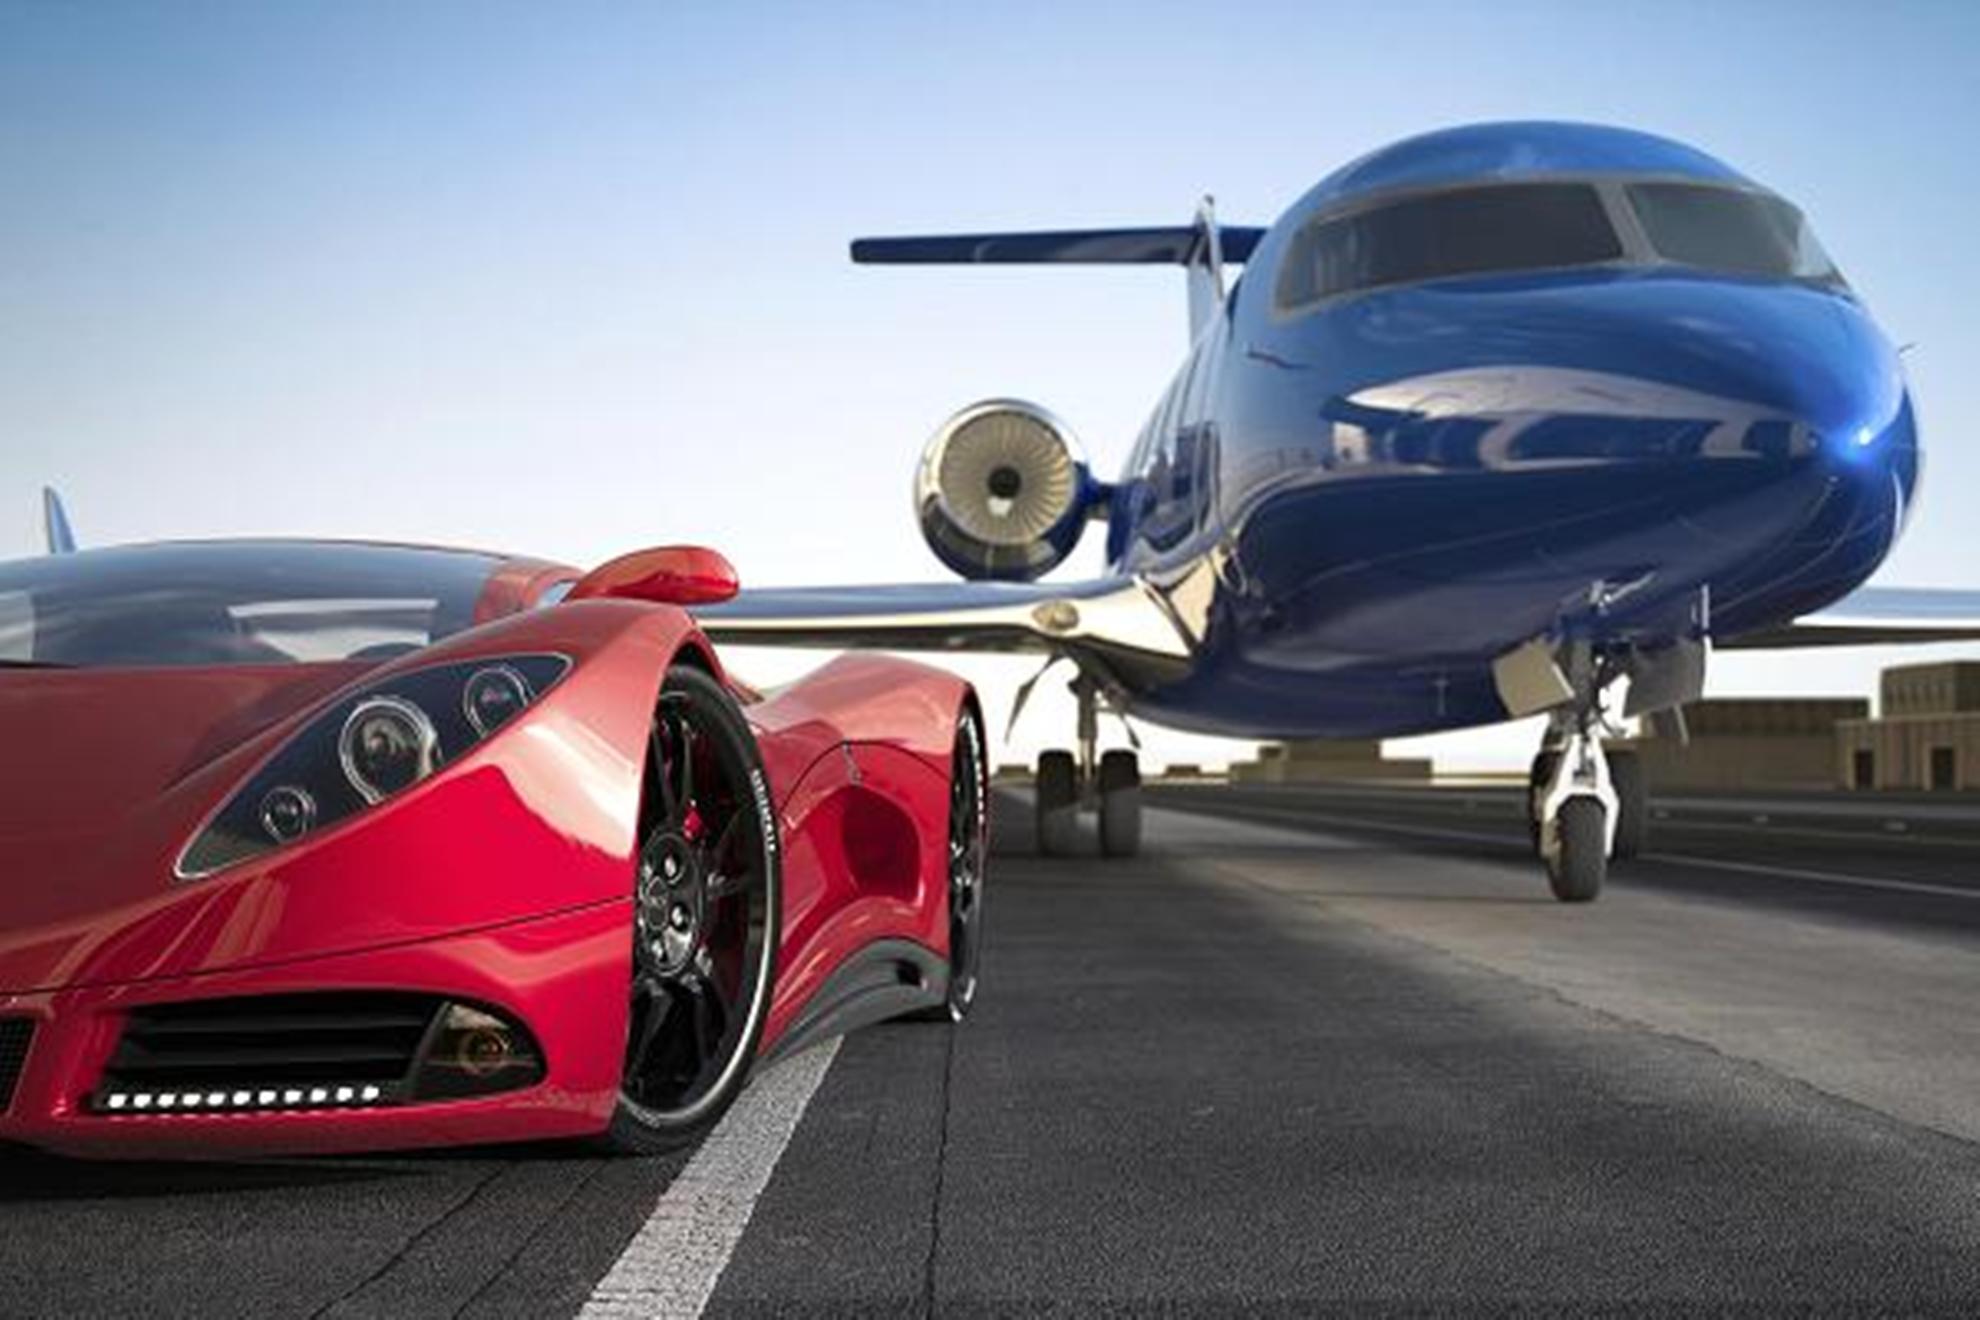 10 bí mật về cuộc sống của người siêu giàu